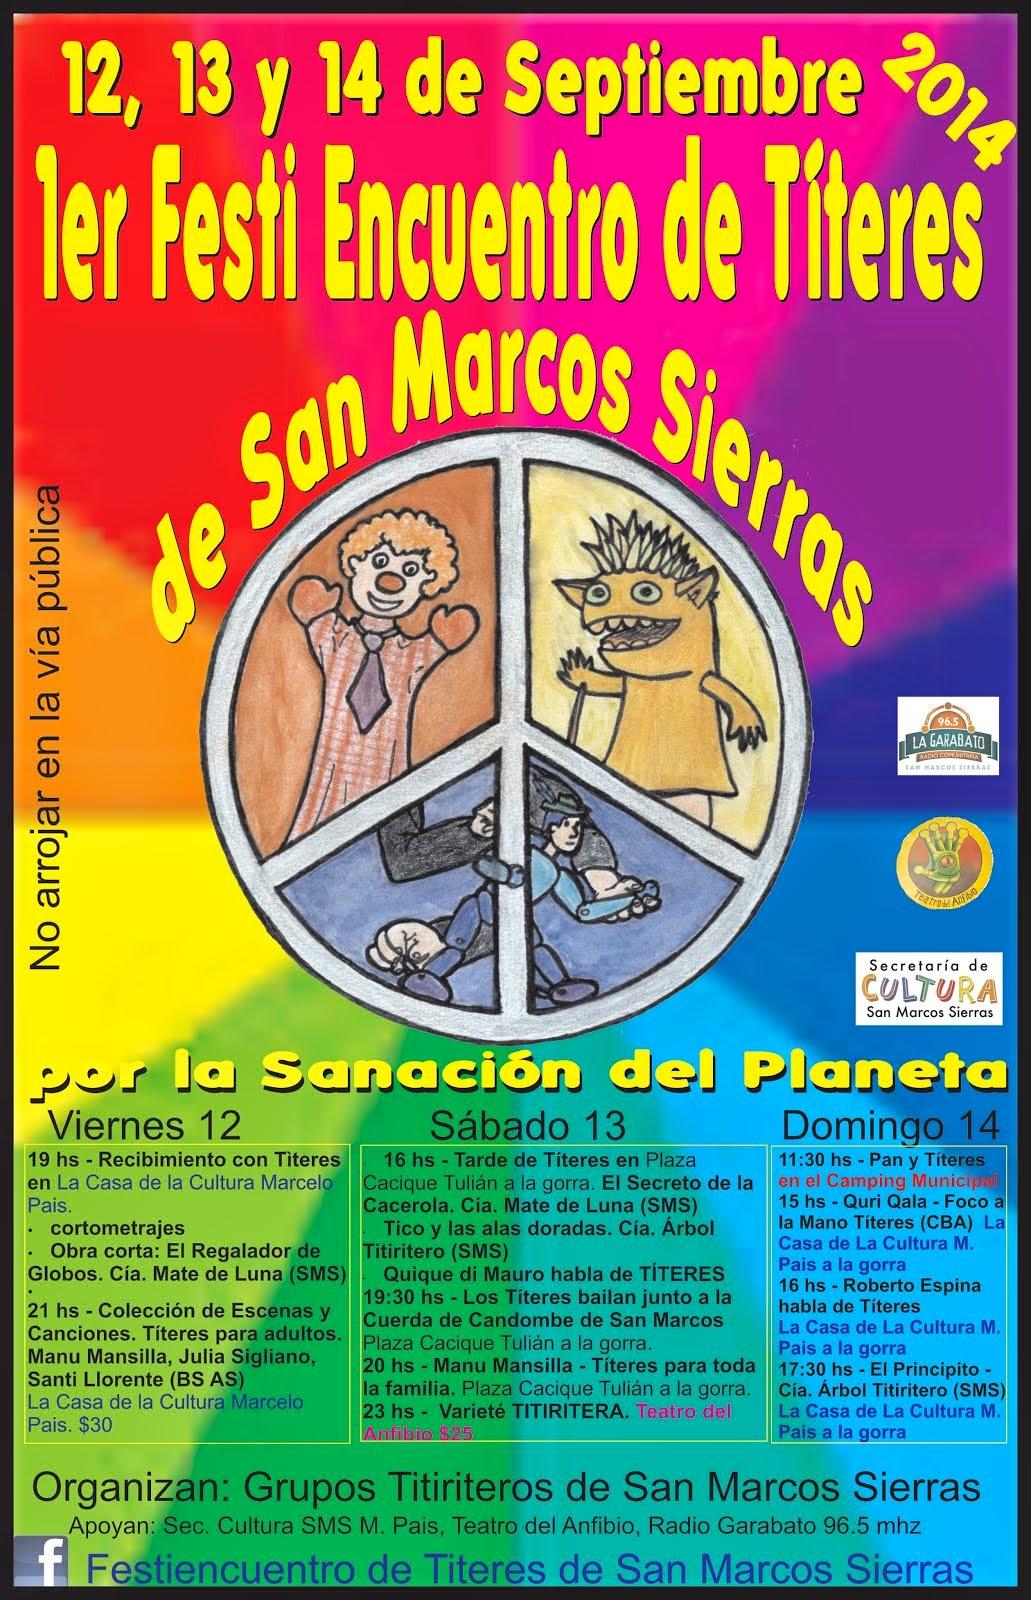 El Principito y Tico participan del 1er Festiencuentro de Títeres de San Marcos Sierras!!!!